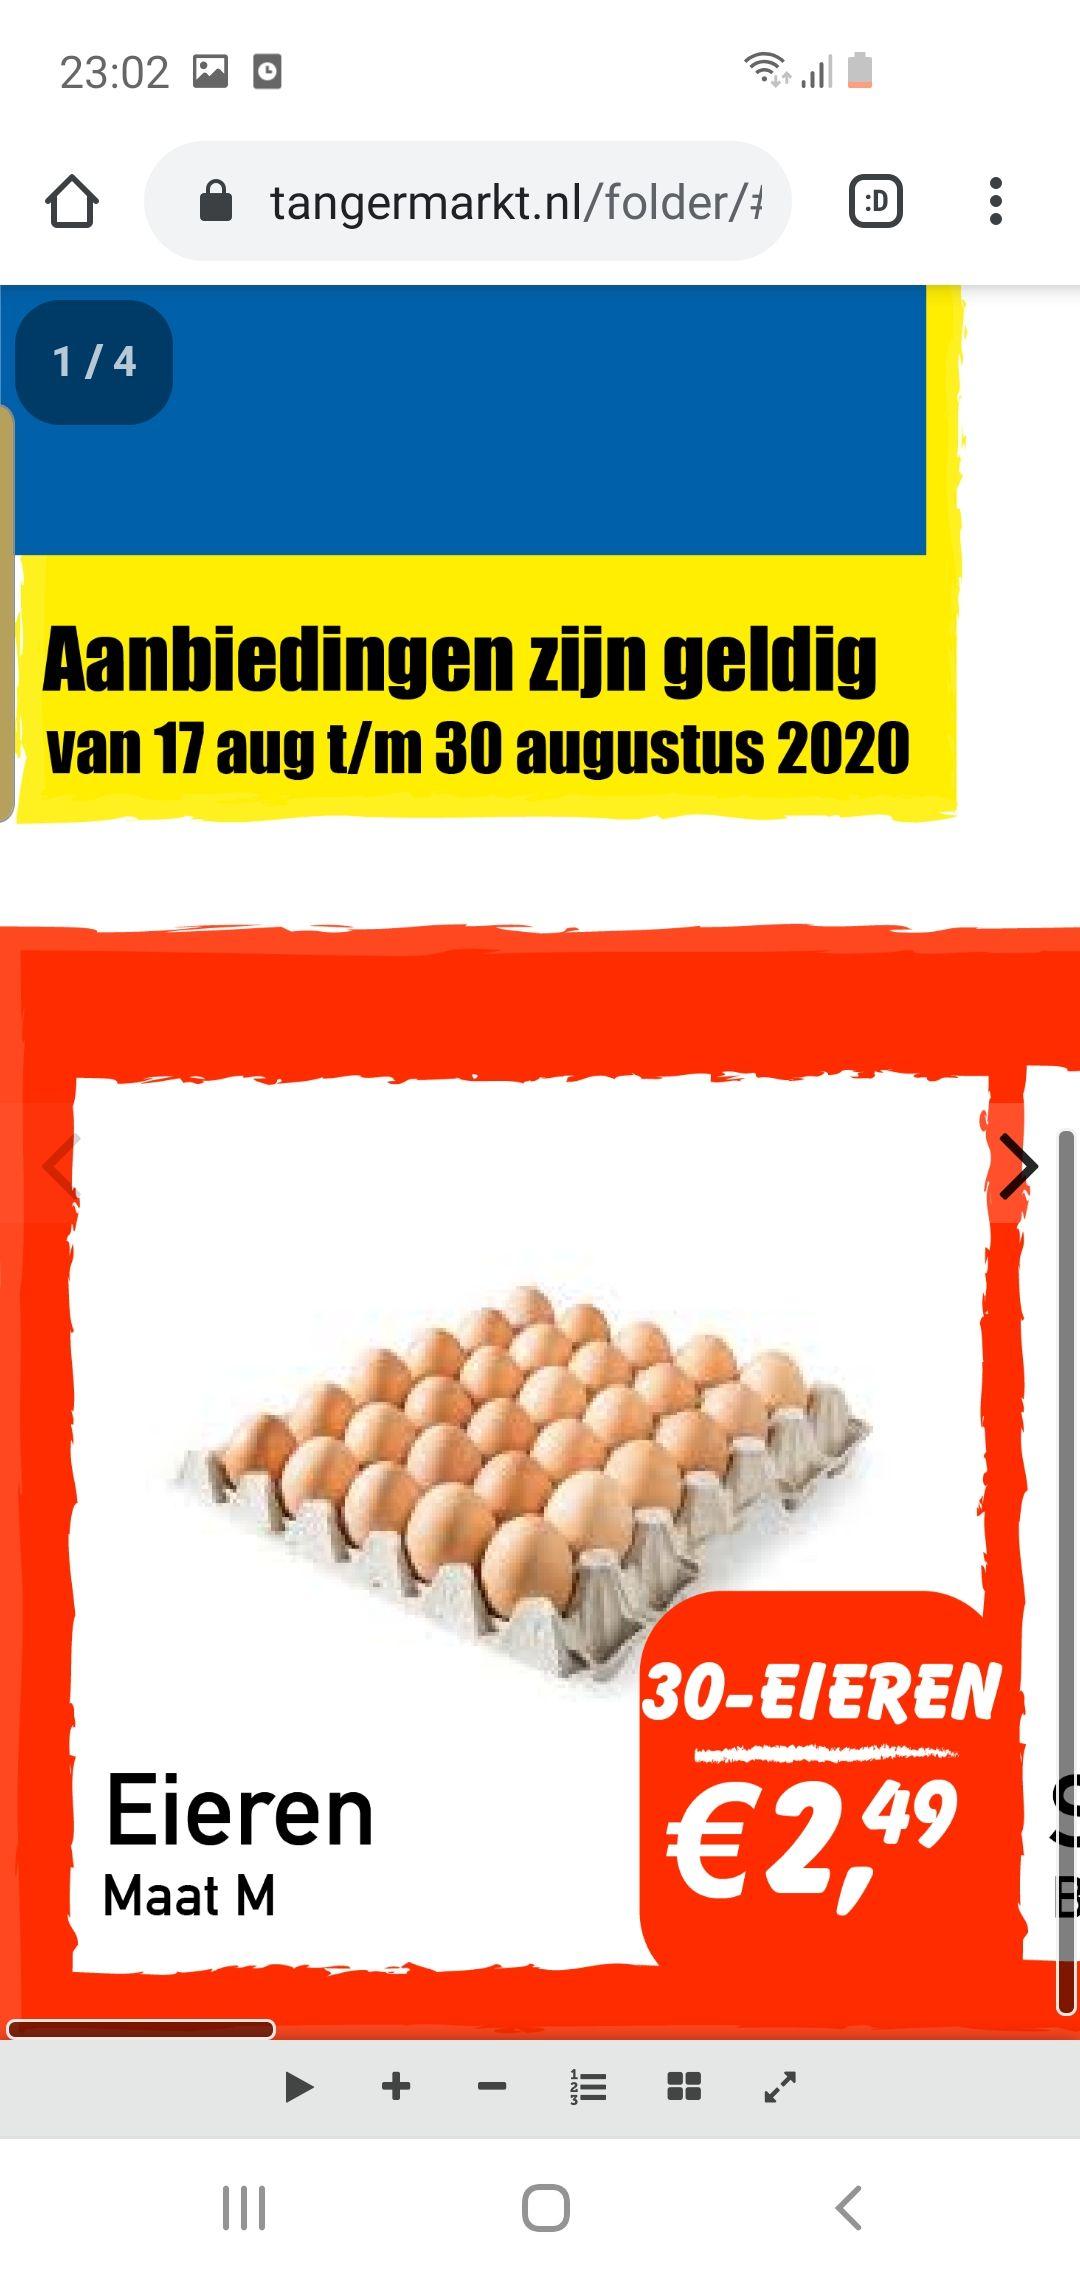 30 eieren maat m €2,49 tanger super markt